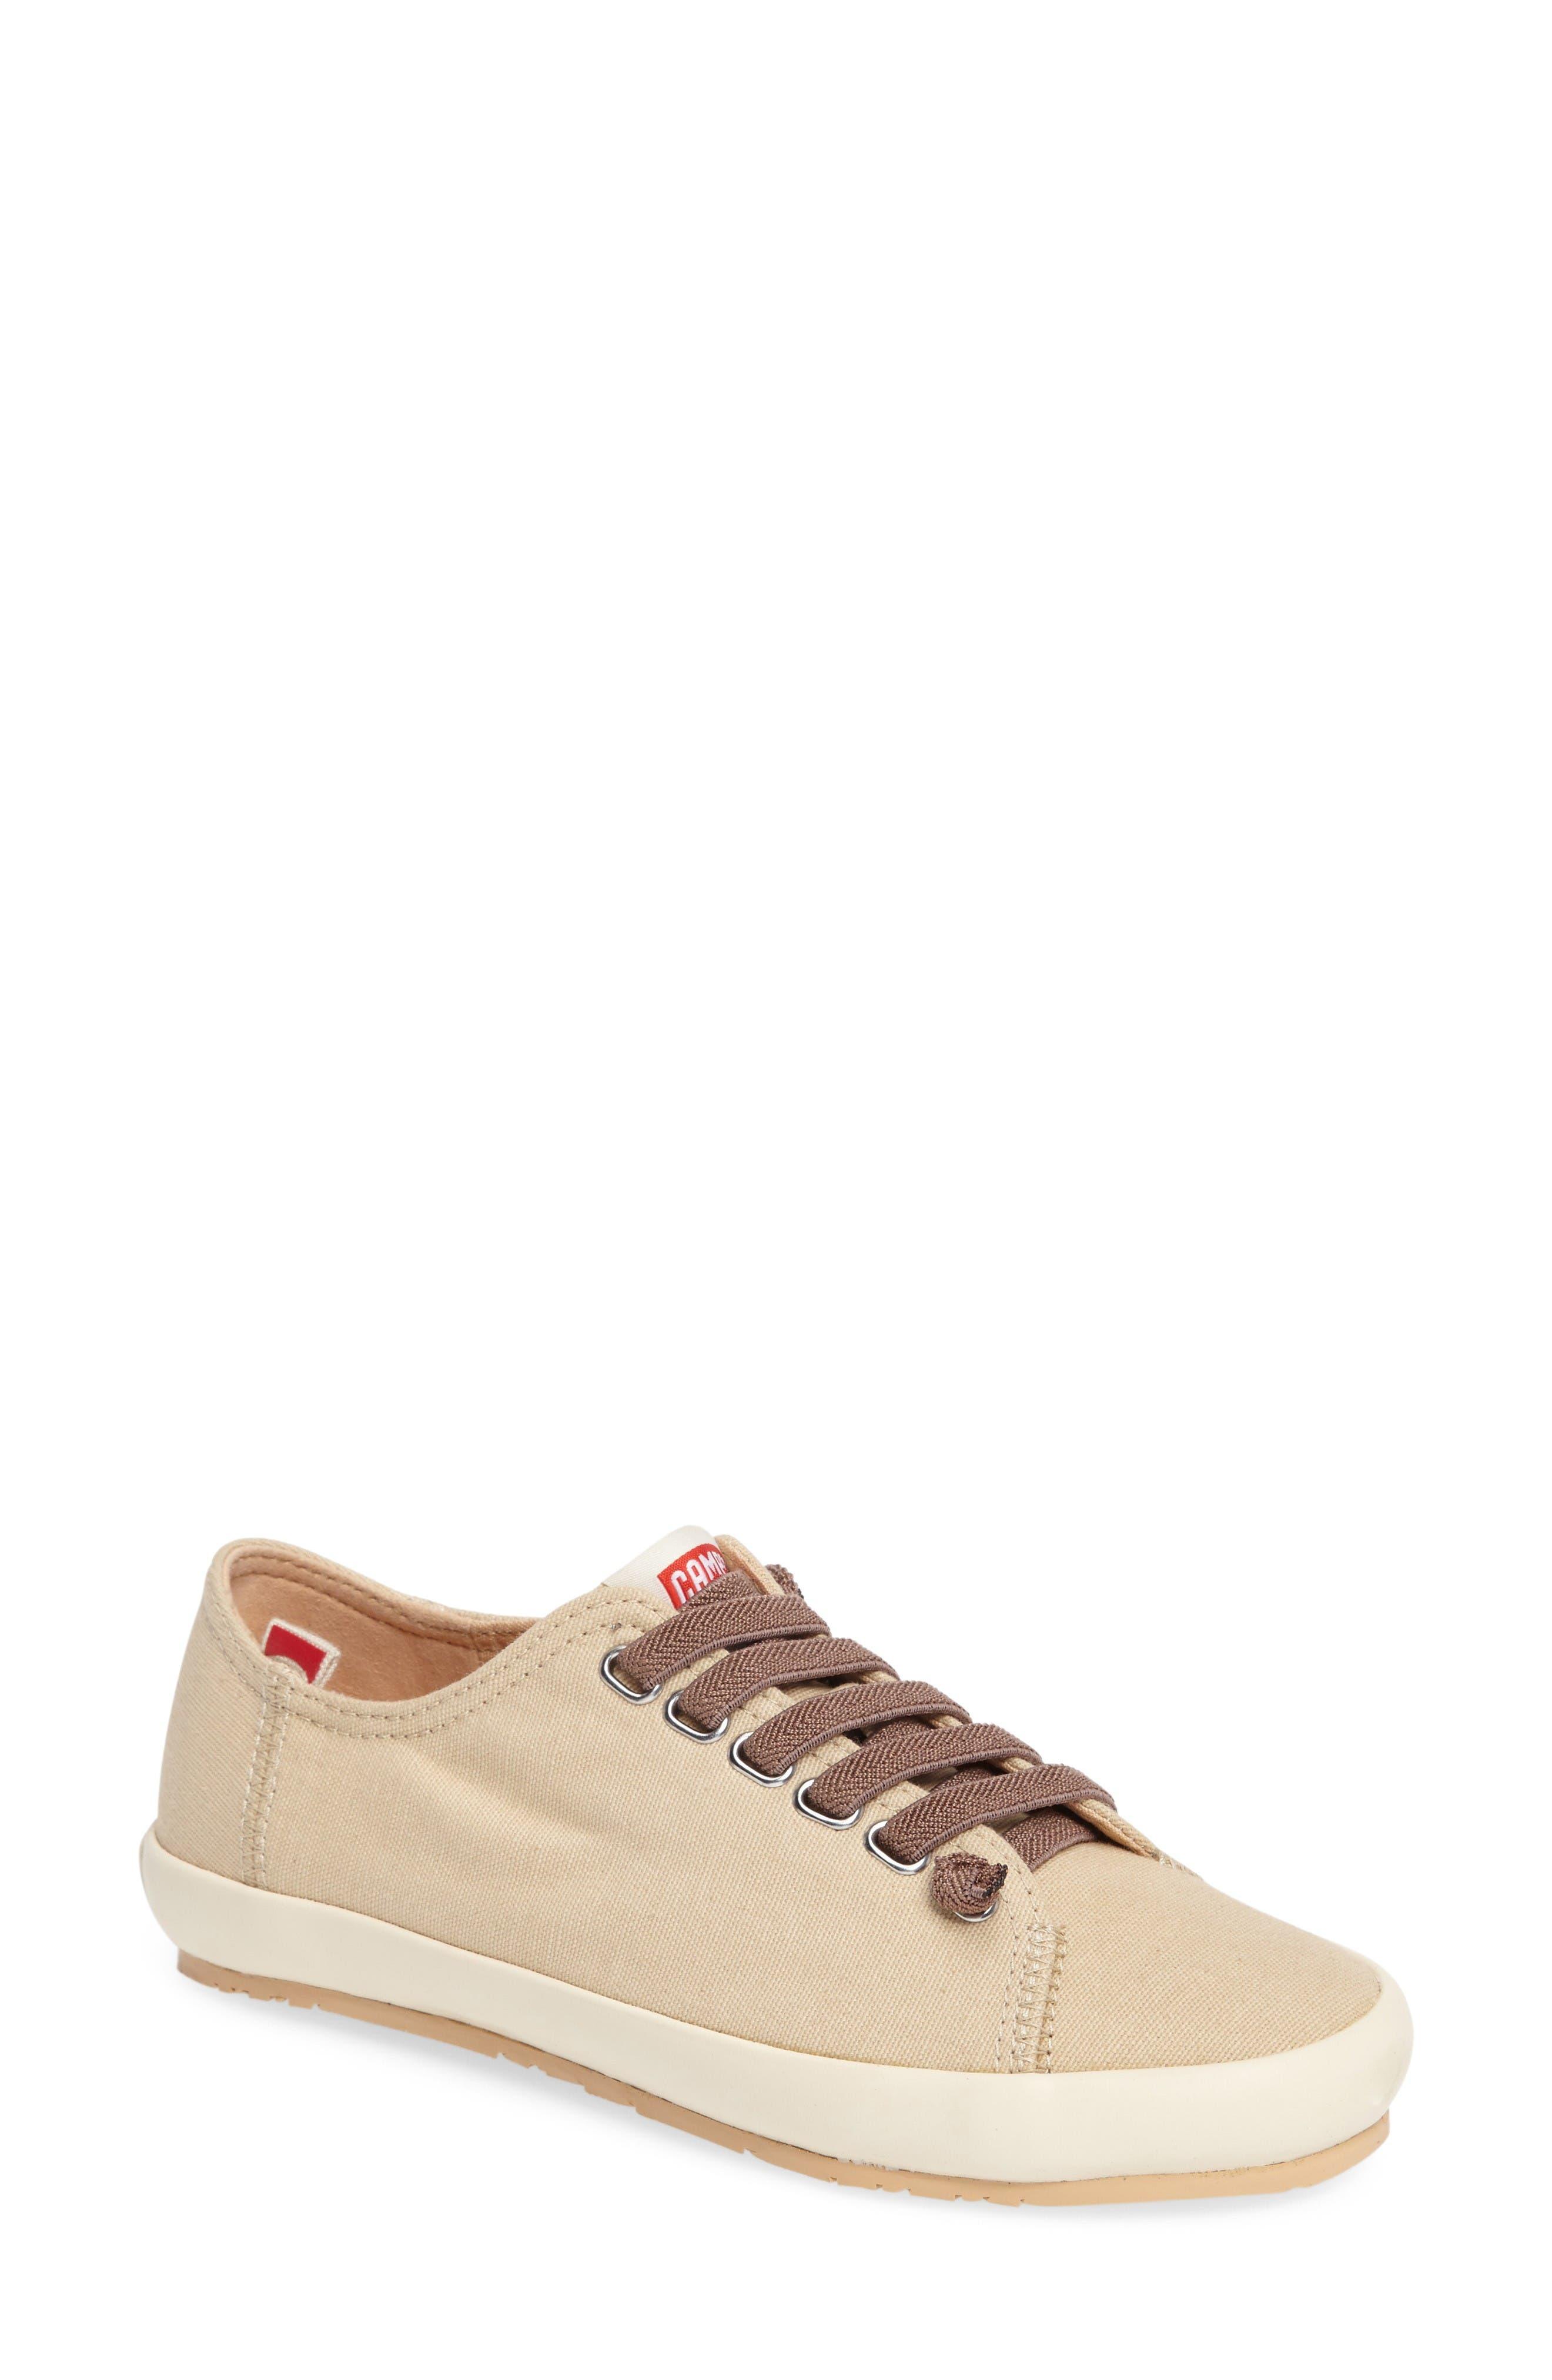 Main Image - Camper Borne Slip-On Sneaker (Women)